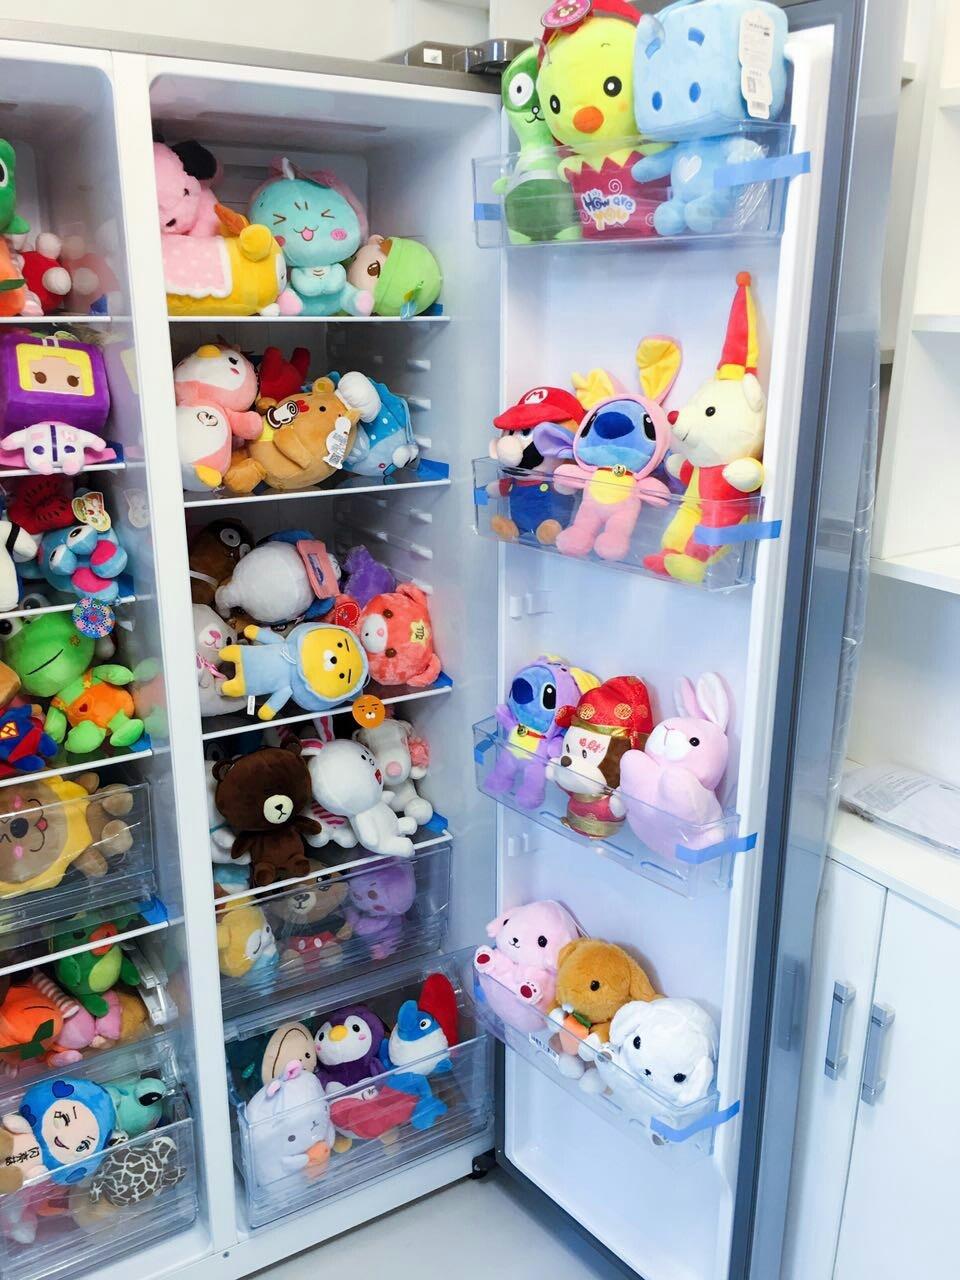 来自@追风少女杨清新- 的投稿,一只装满玩偶的冰箱